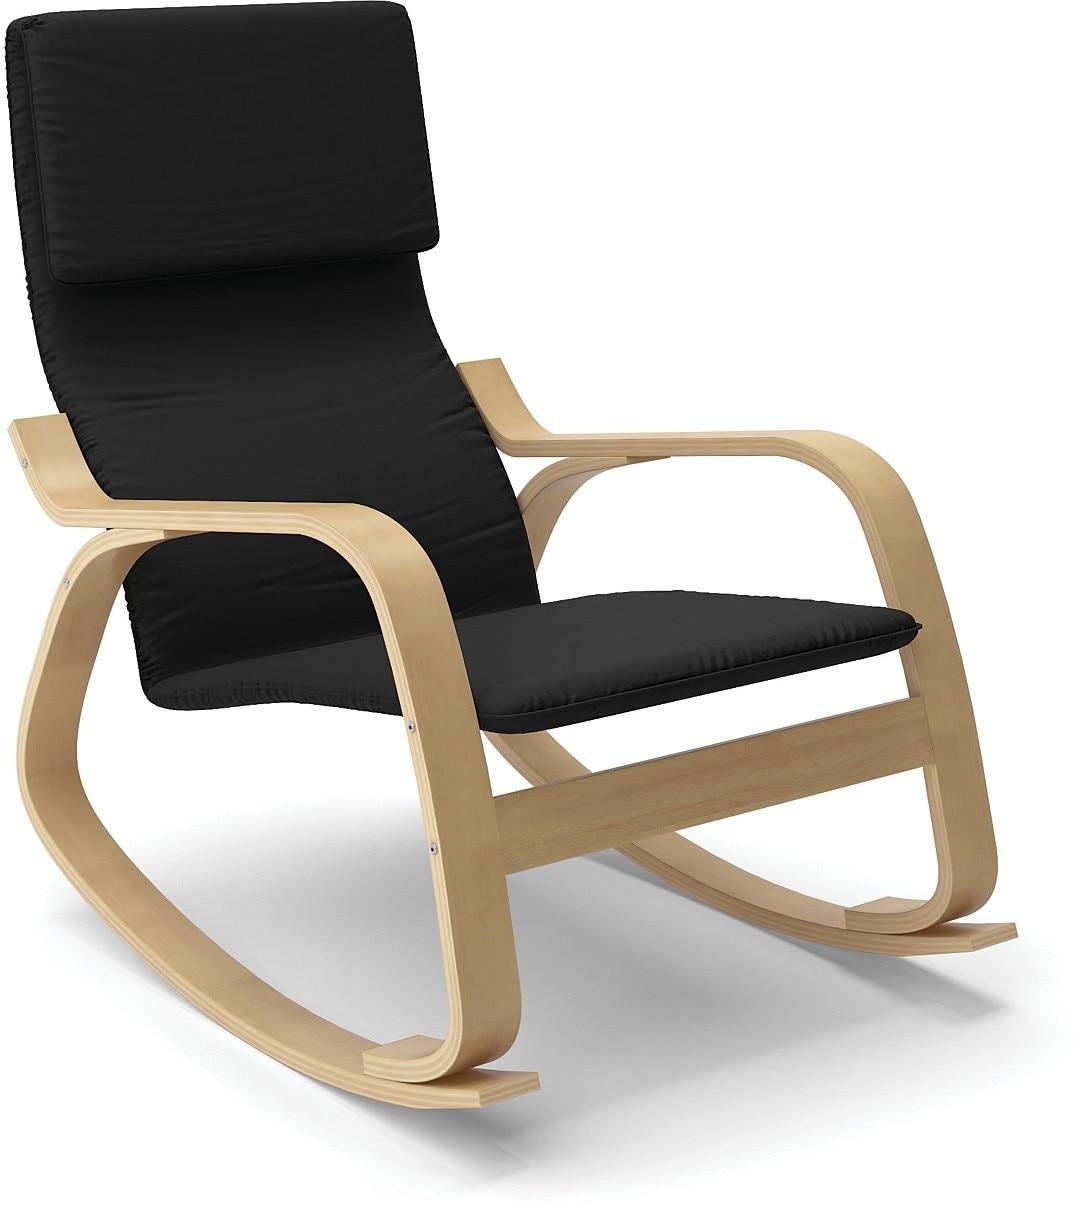 28 volo furniture natuzzi italia volo reclining sofa modern